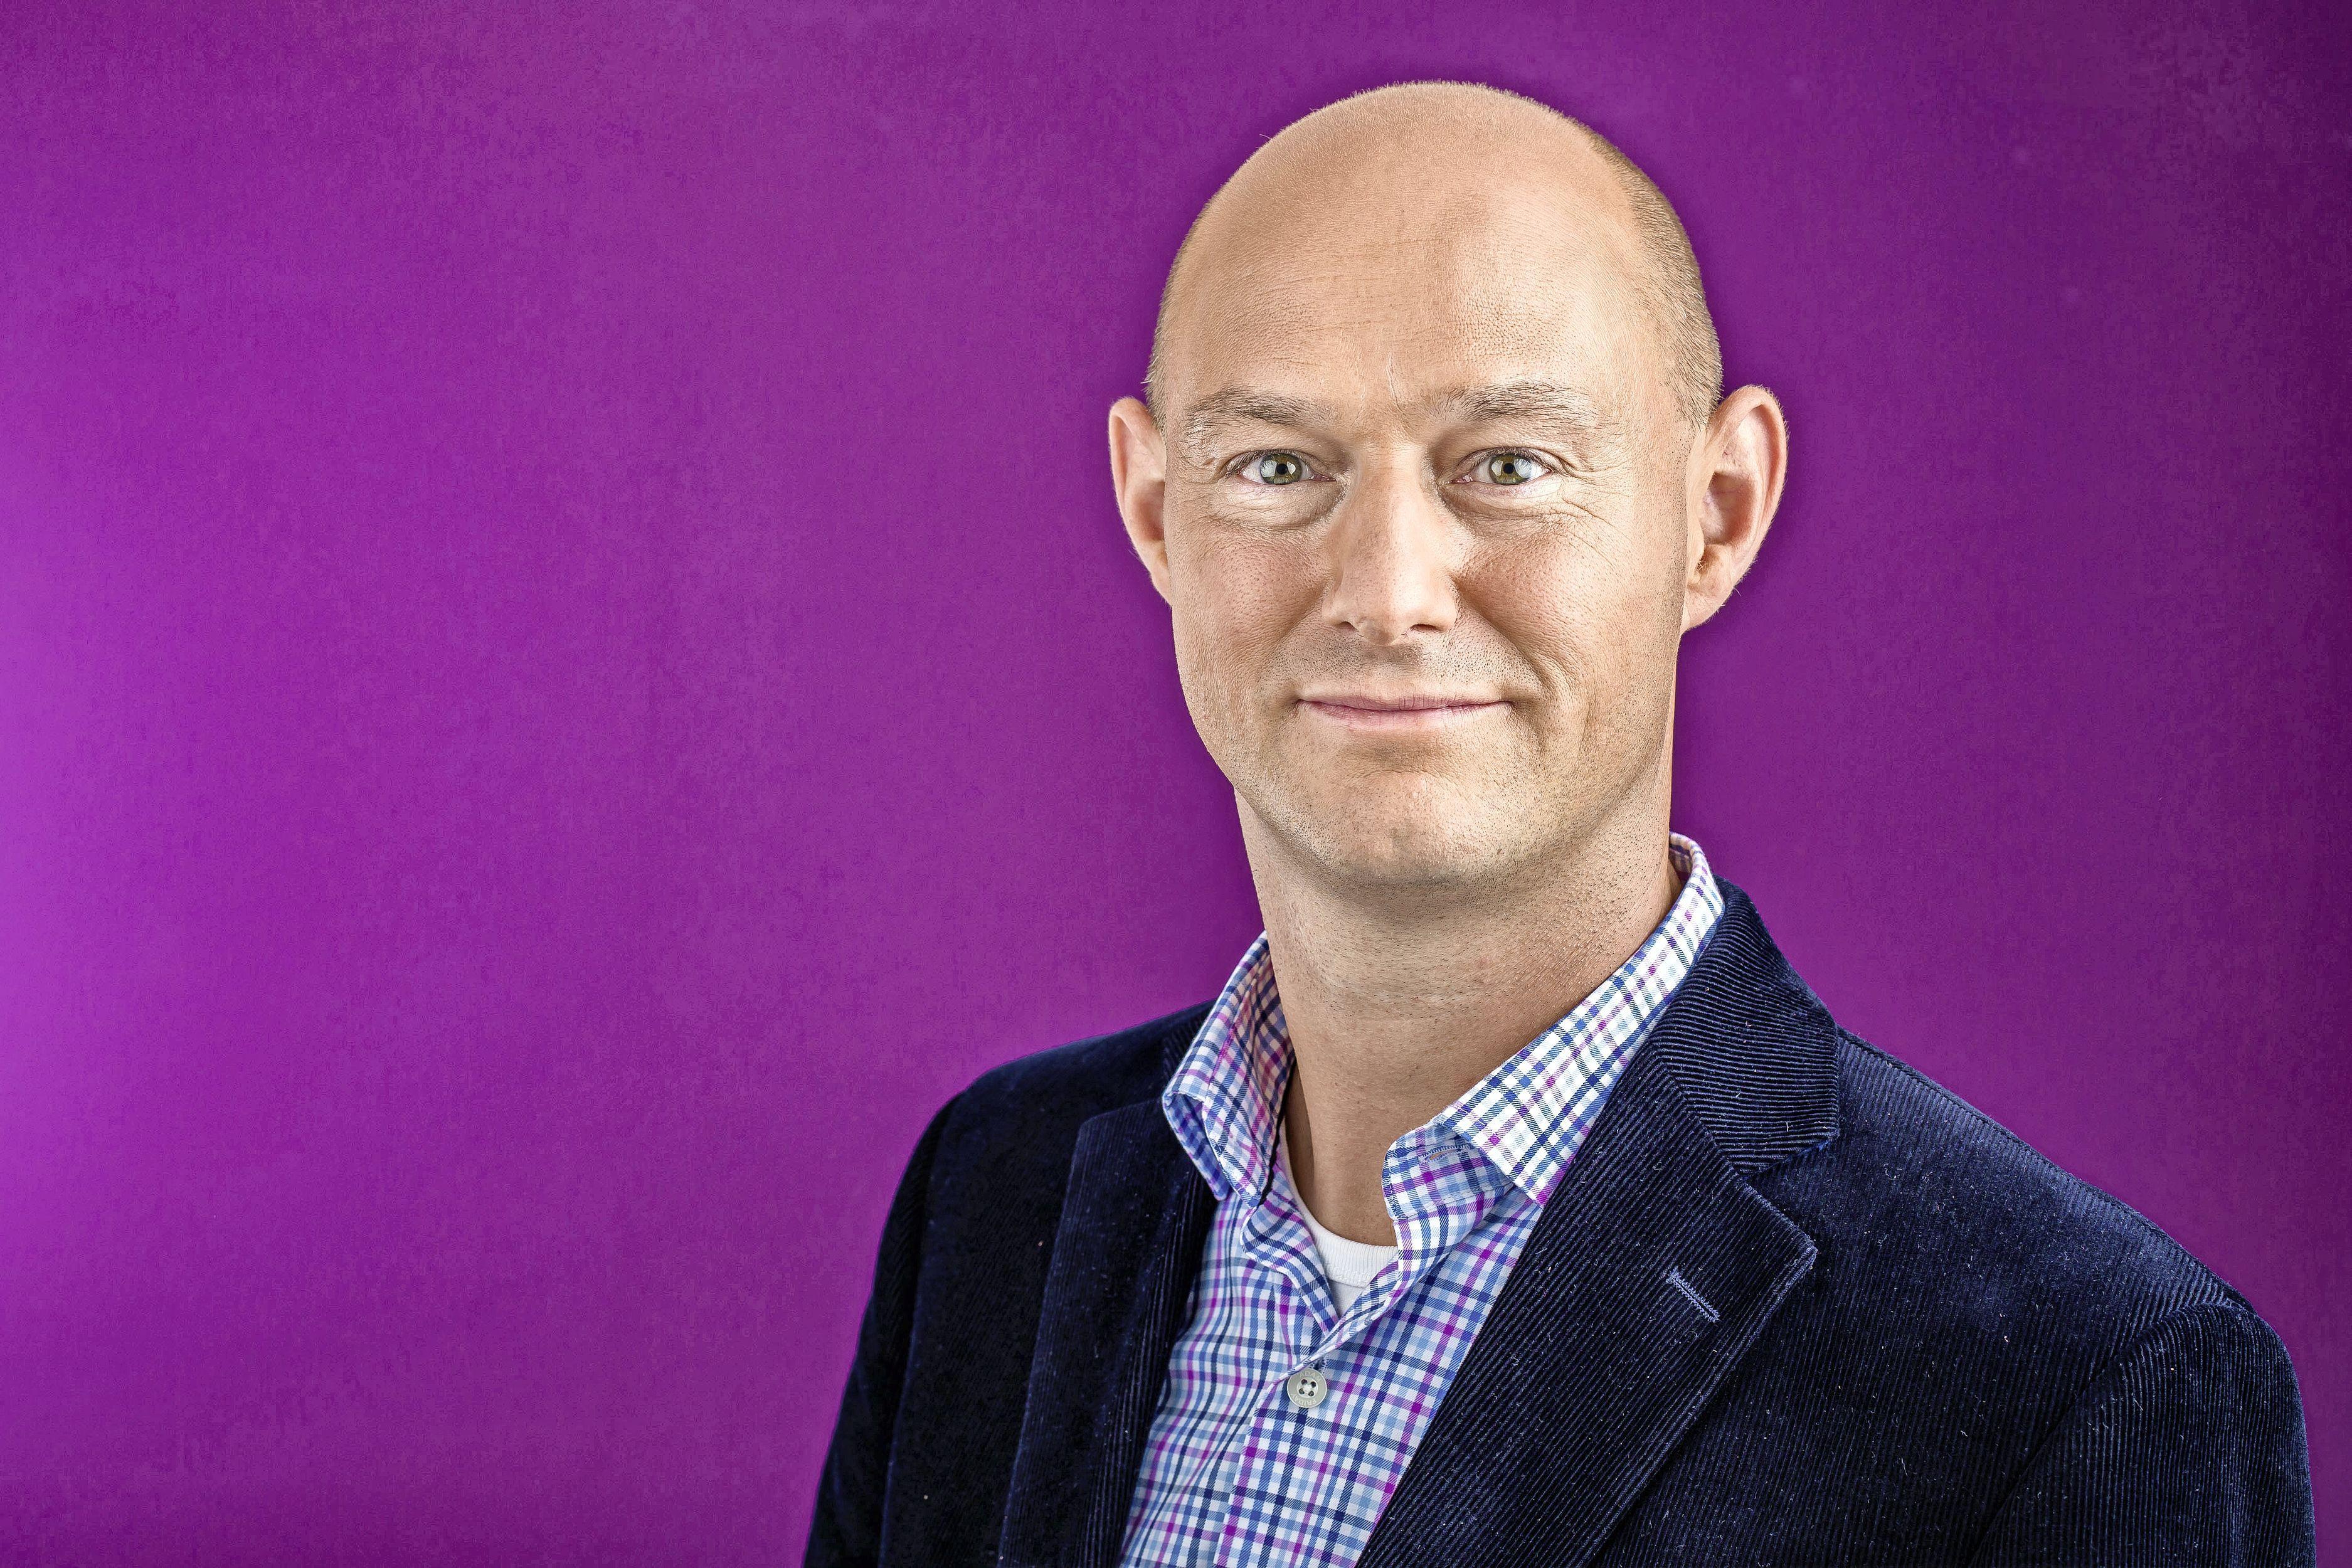 'Betere zorg door marktprikkels', zegt gezondheidseconoom Marco Varkevisser